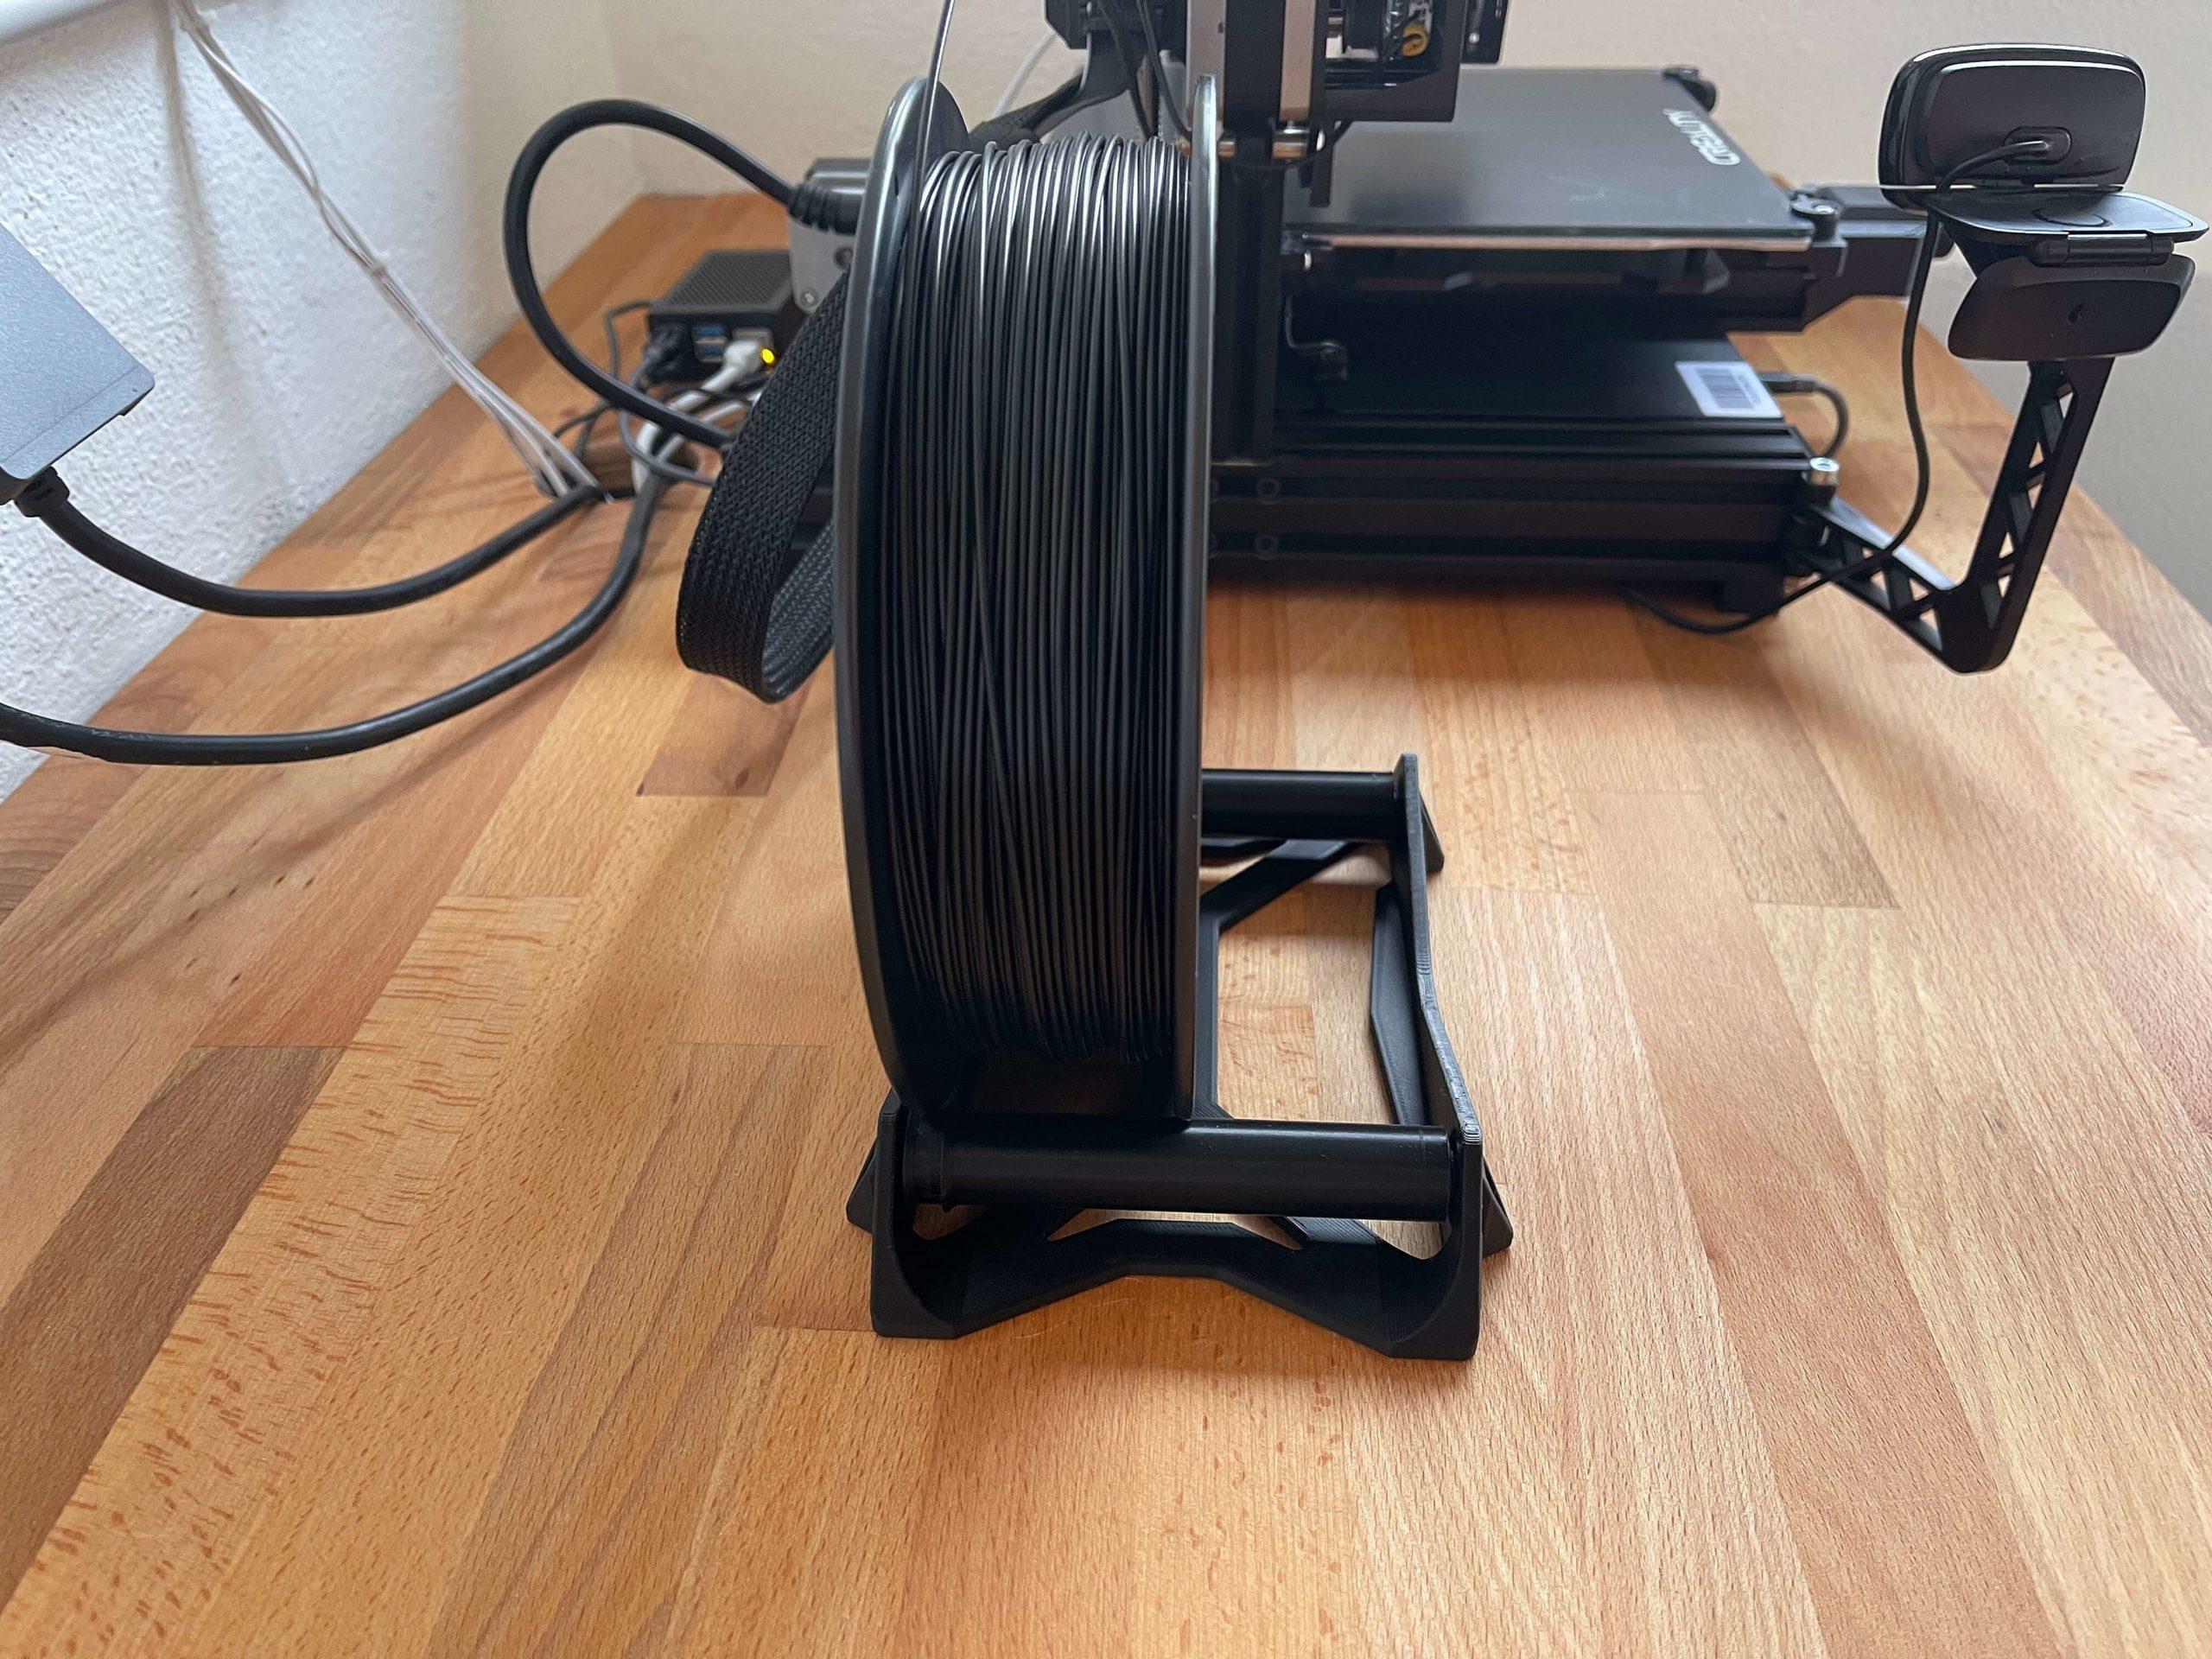 CR-6-SE-3D-Drucker-von-Creality-ideal-fuer-fortgeschrittene-Einsteiger9-scaled CR-6 SE 3D-Drucker von Creality - ideal für fortgeschrittene Einsteiger